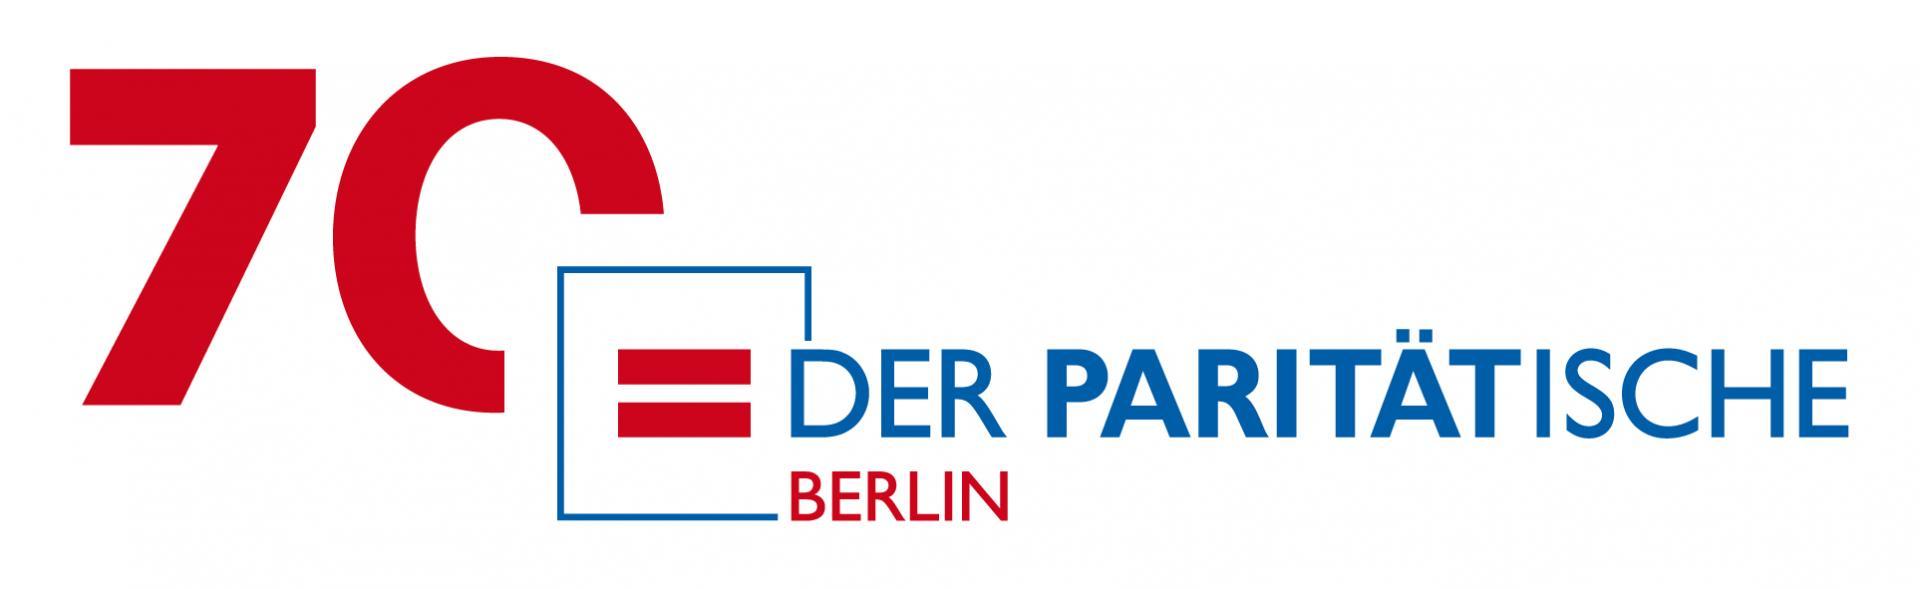 70 Jahre Parität Berlin